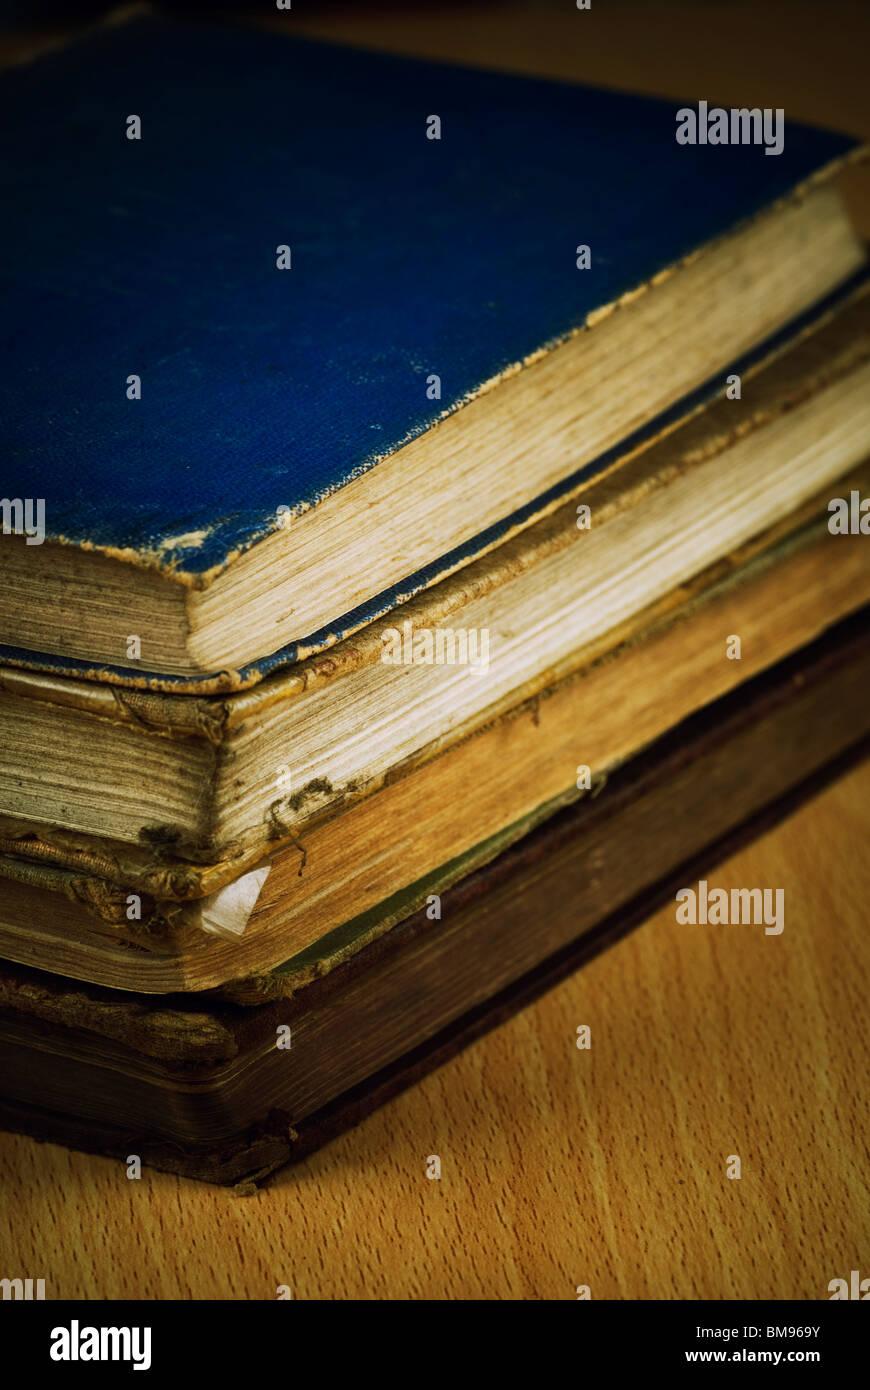 Pile de livres anciens Photo Stock